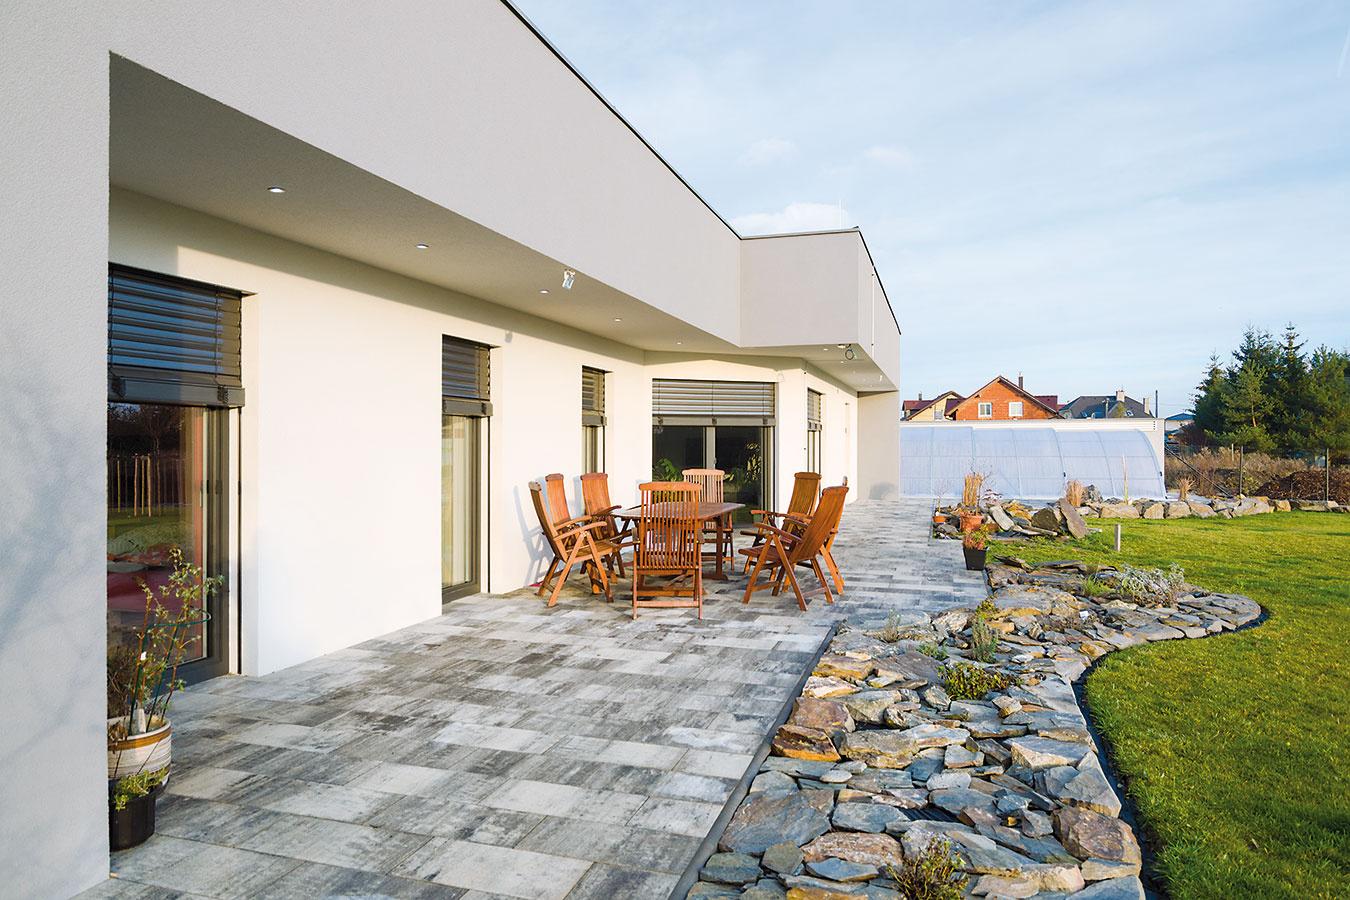 Zterasy majú členovia domácnosti výhľad na trávnik sokrasnou záhradou apriamy prístup kzastrešenému bazénu.